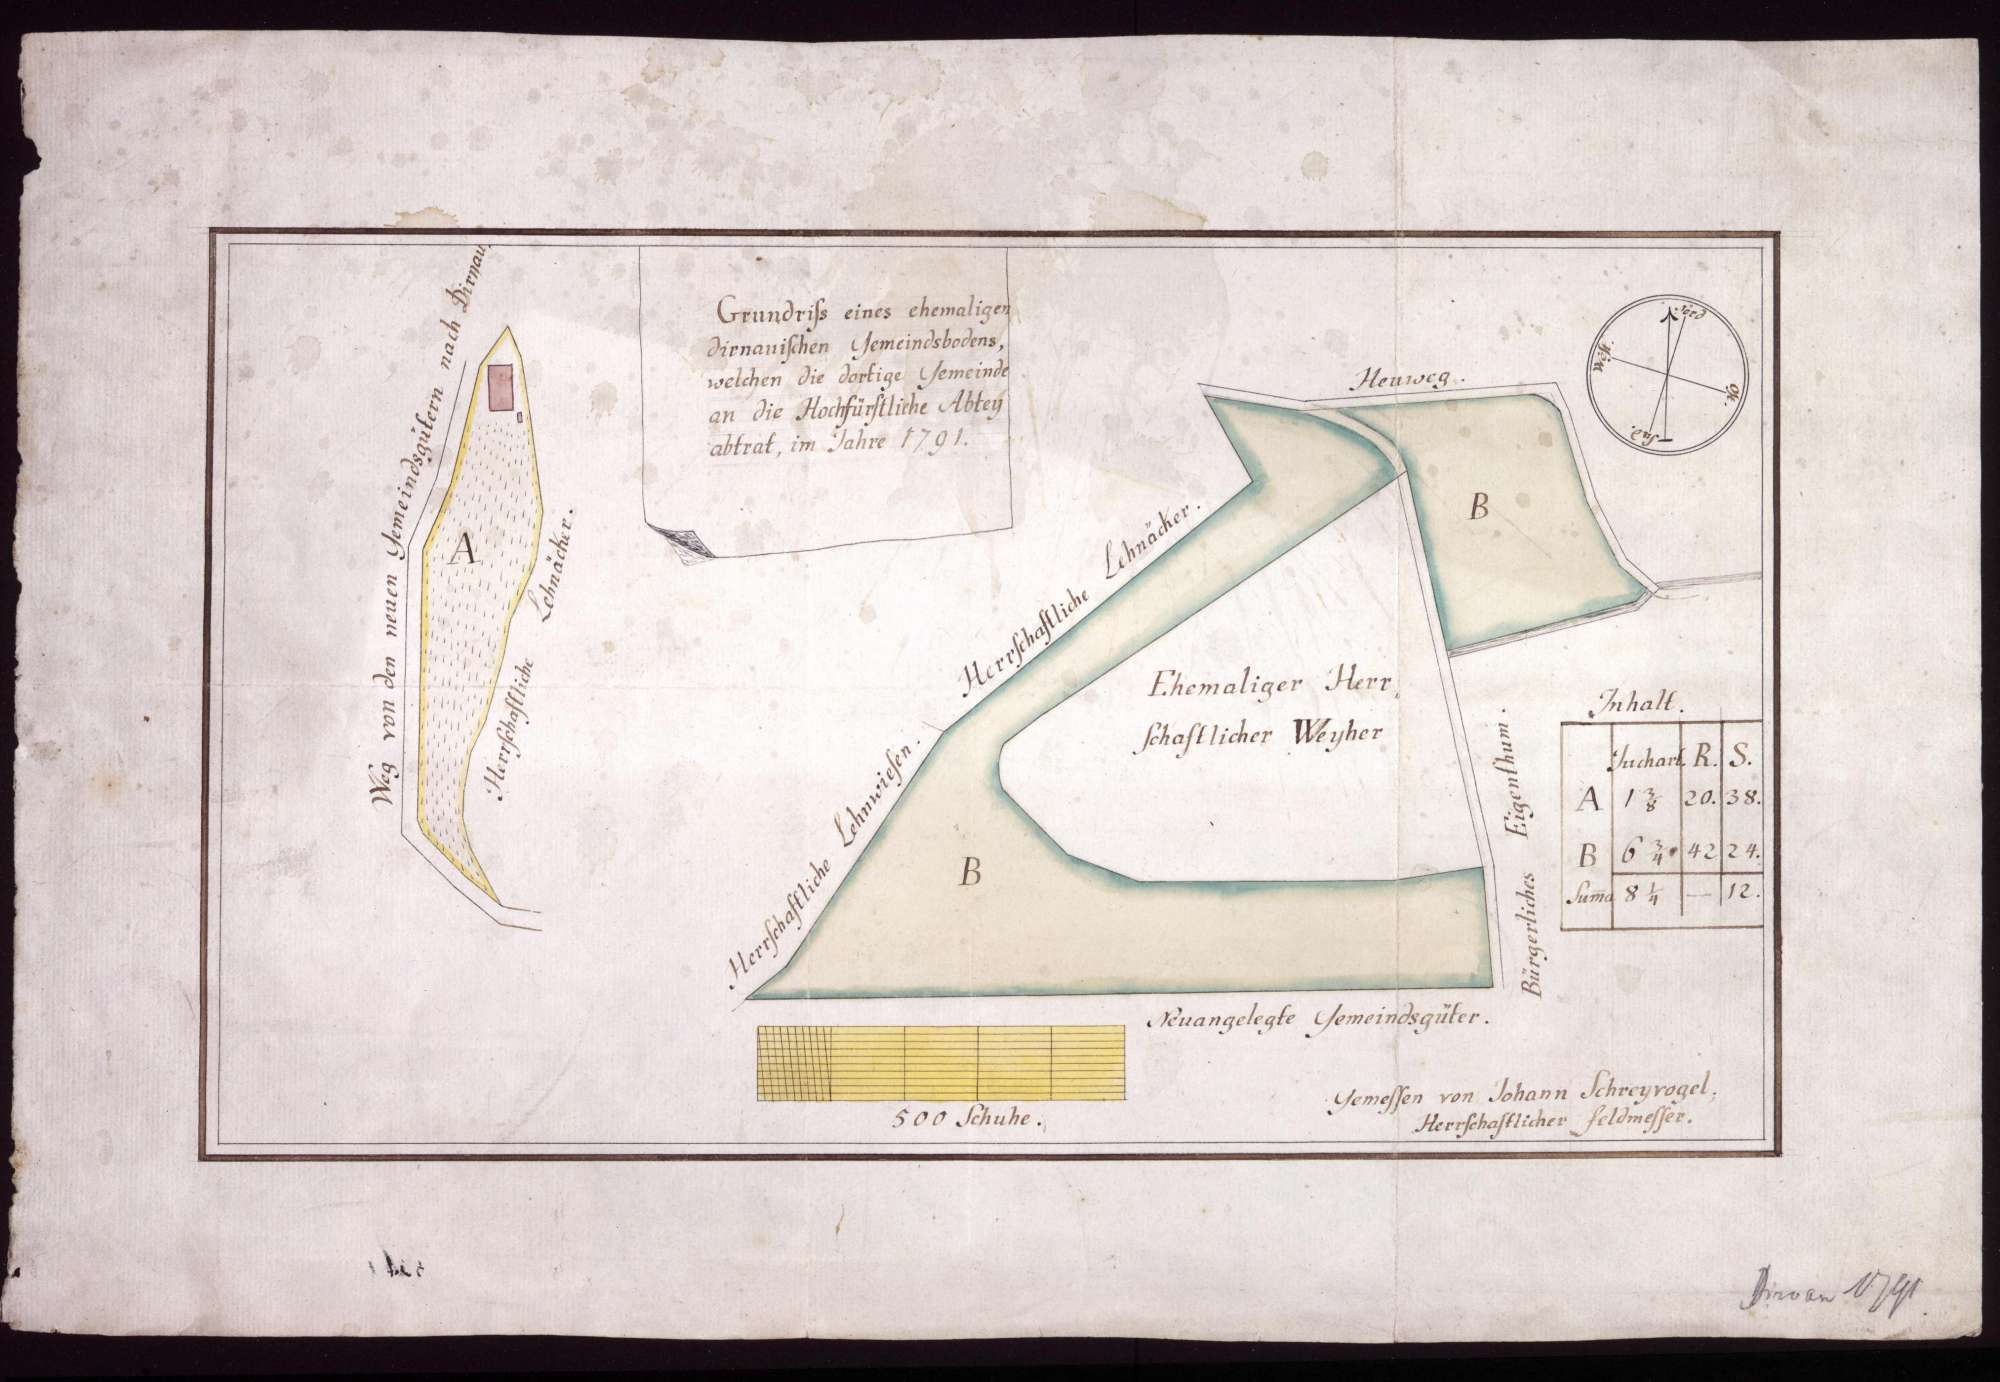 Verkauf von Dürnauischem Gemeindeboden an das Stift Buchau Maßstab ca. 1 : 1600 Zeichner: Johann Schreyvogel col. handgez., Bild 1